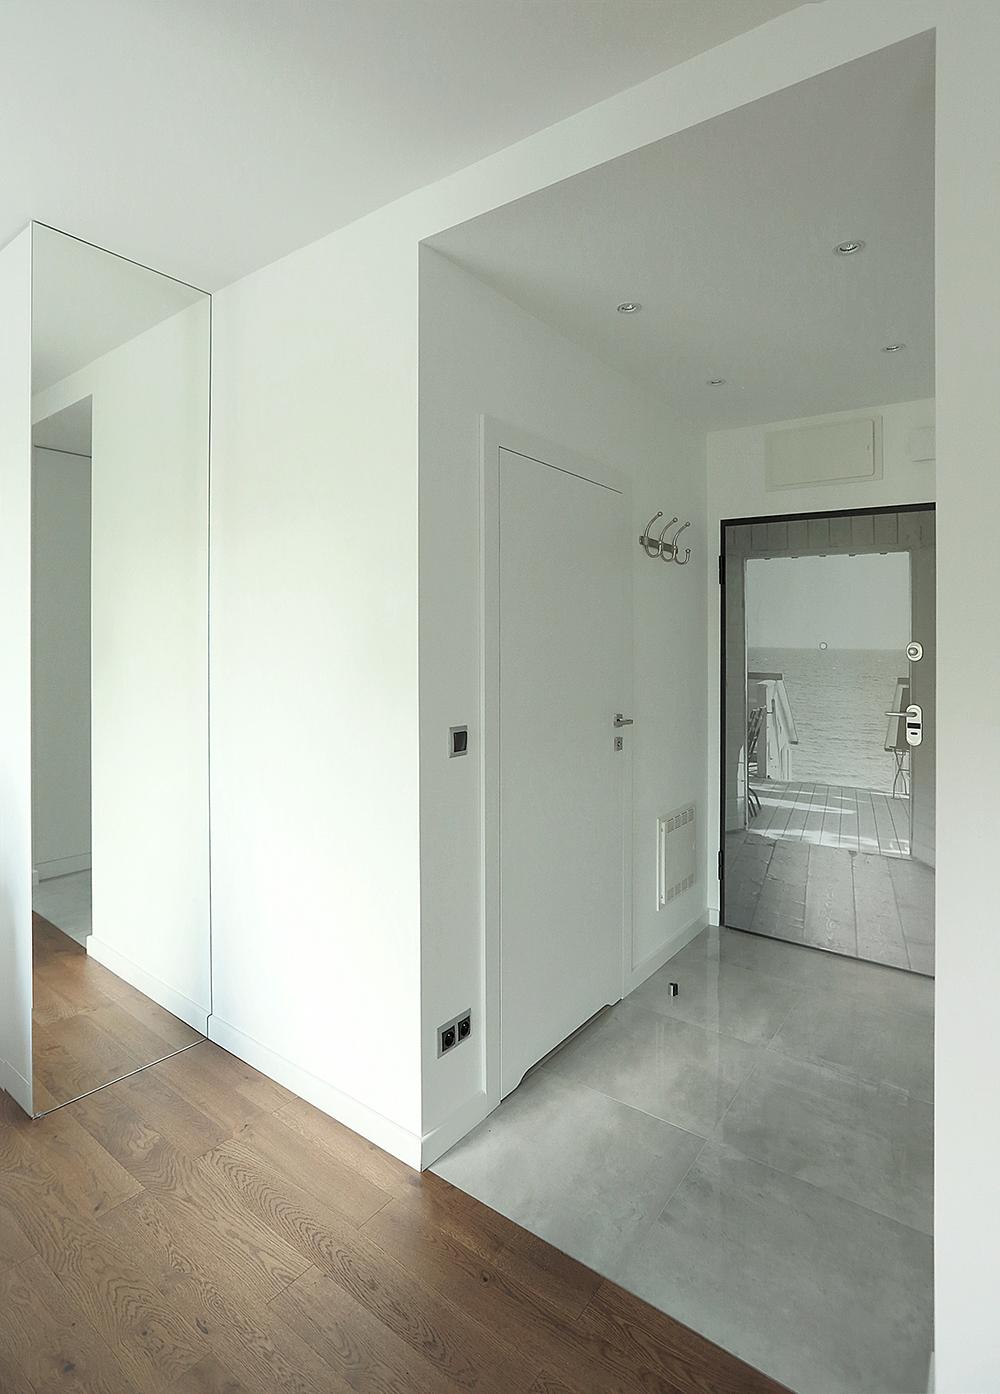 biały korytarz drzwi